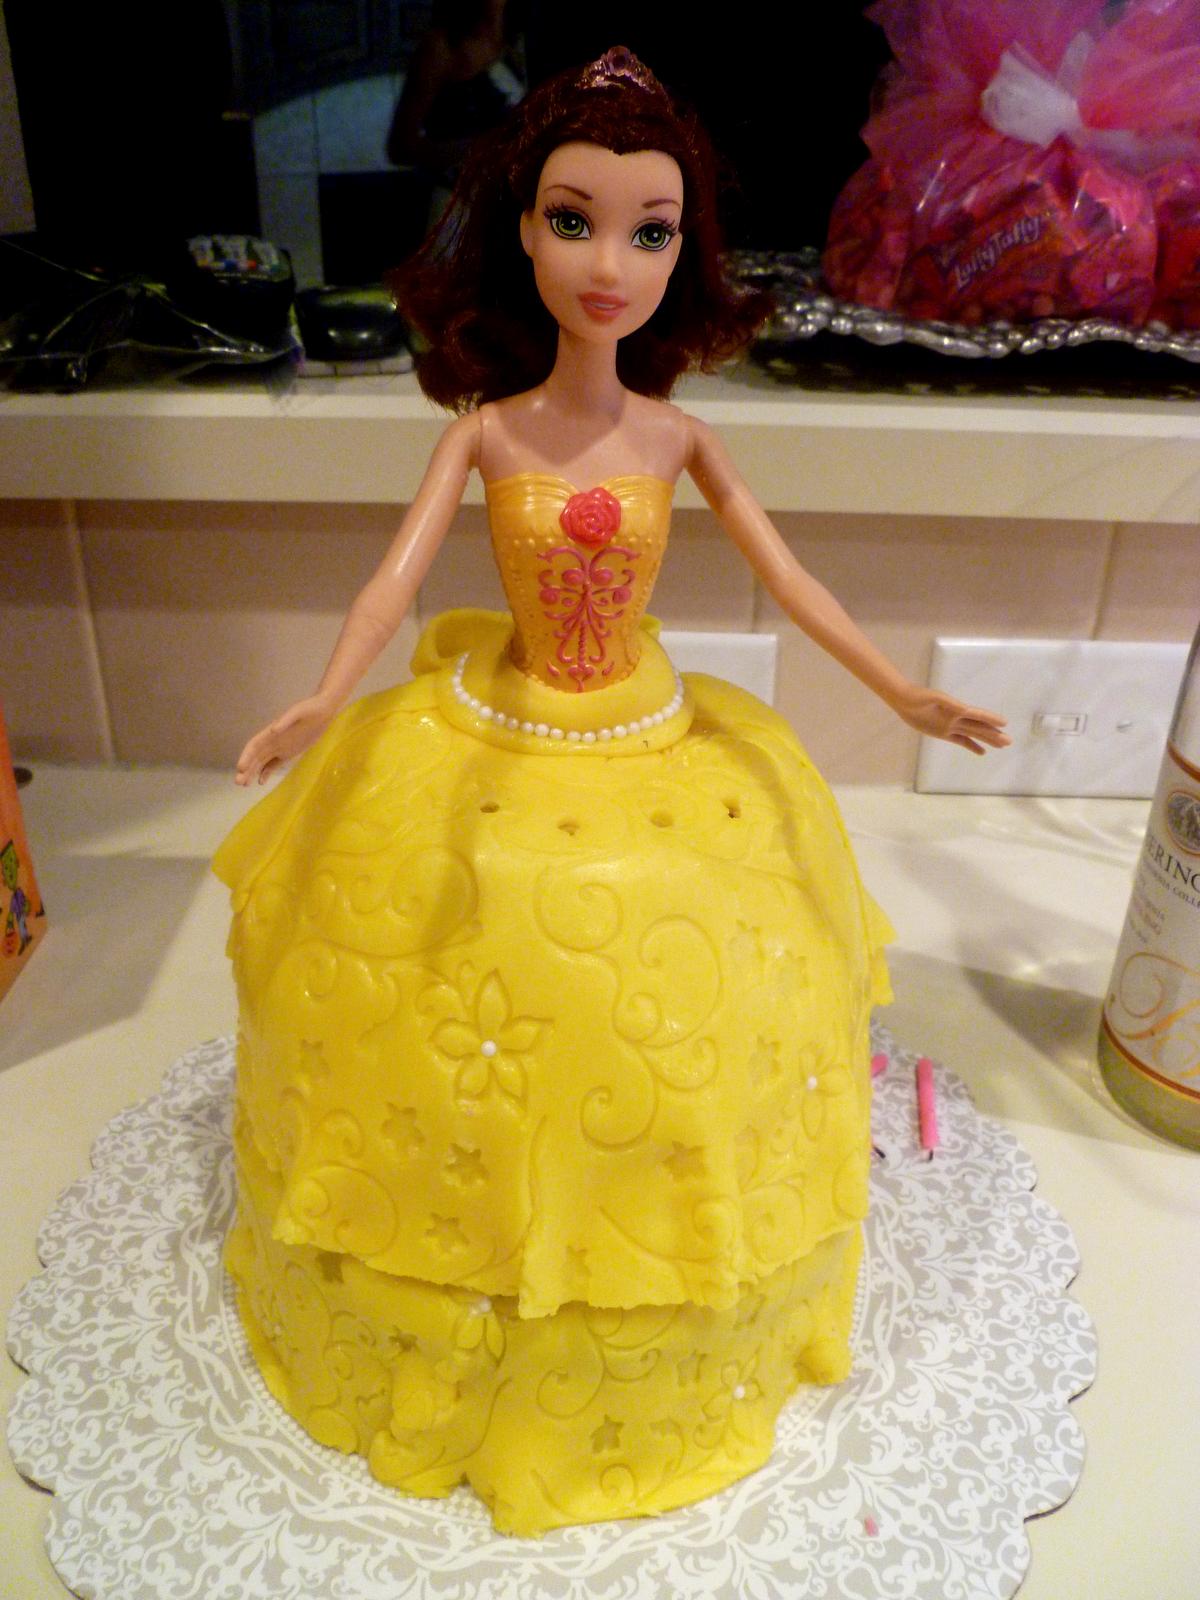 Belle Doll Cake The Baking Fairy